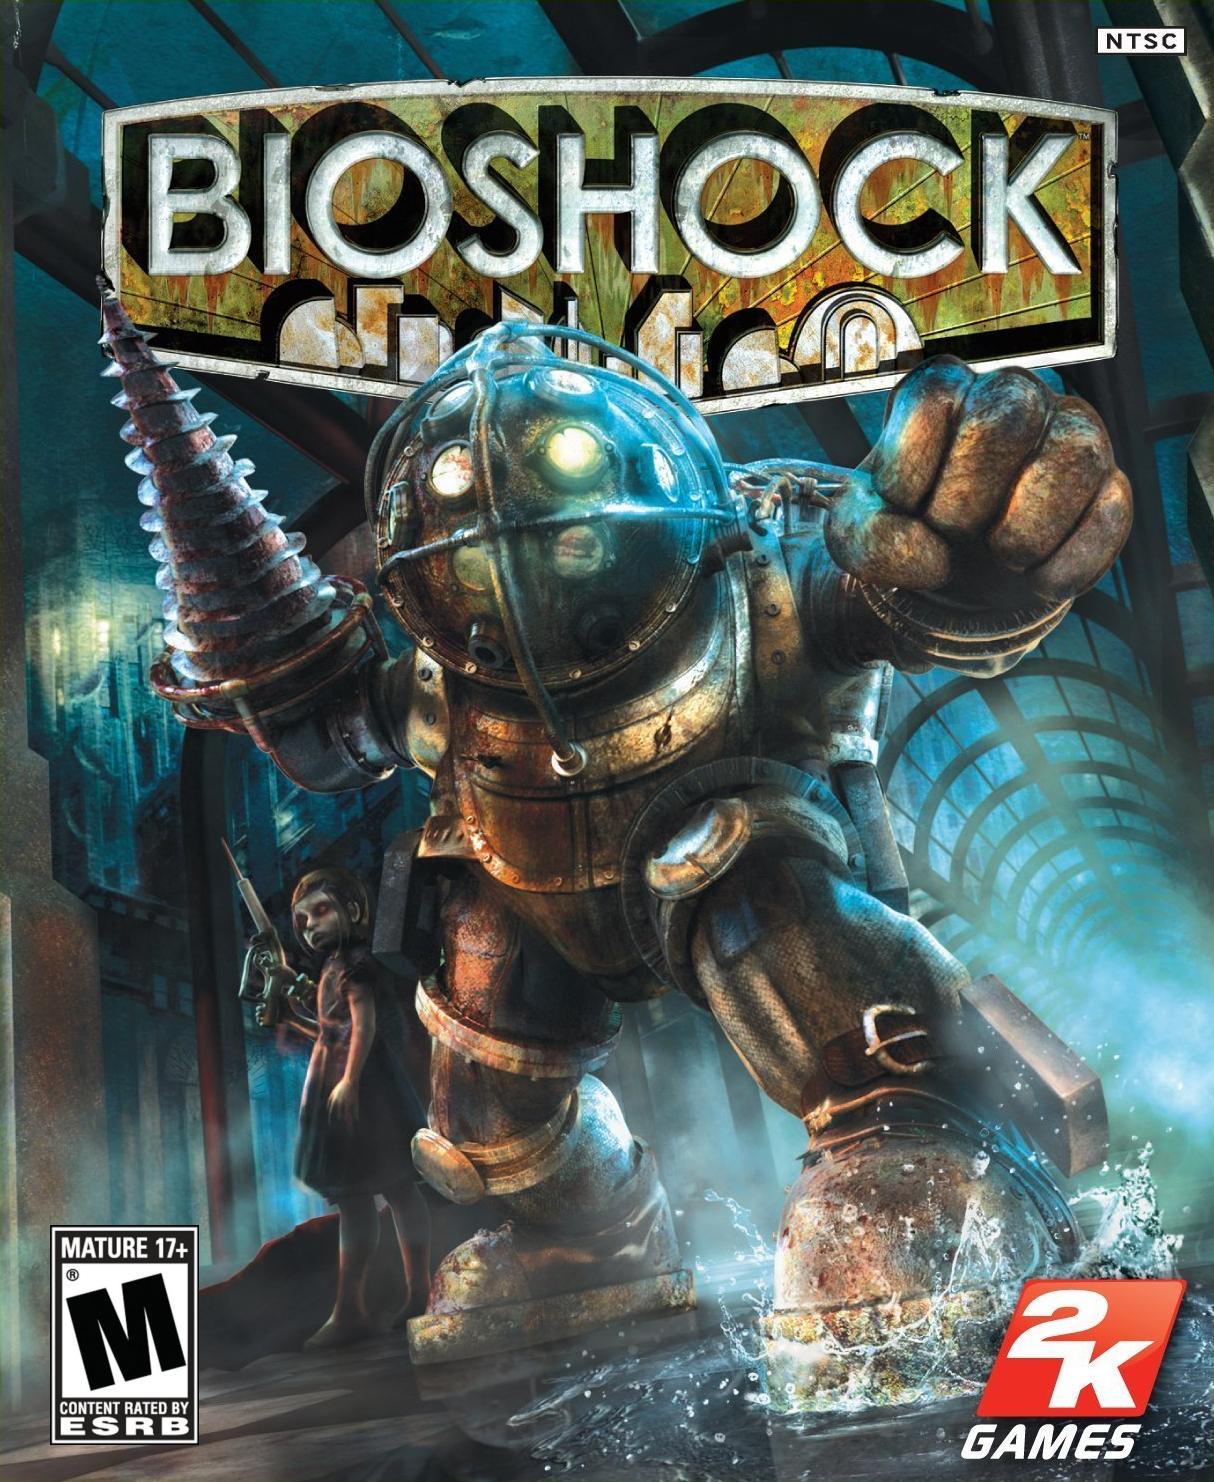 Bioshock the bioshock wiki bioshock bioshock 2 - Bioshock wikia ...